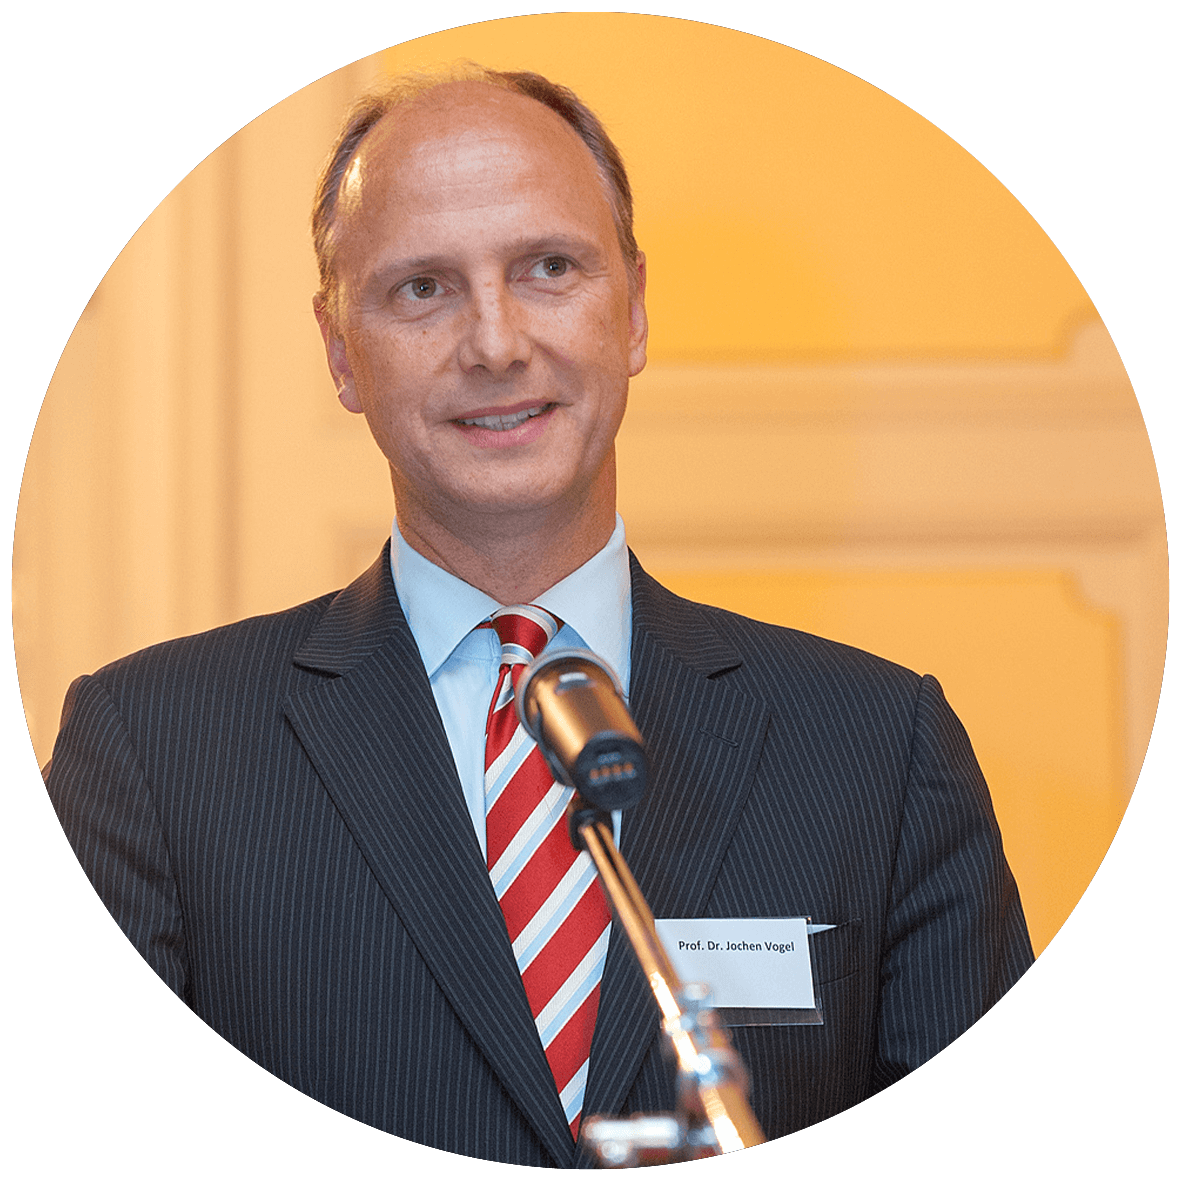 Prof. Dr. Jochen Vogel <div>VM Value Management GmbH</div>